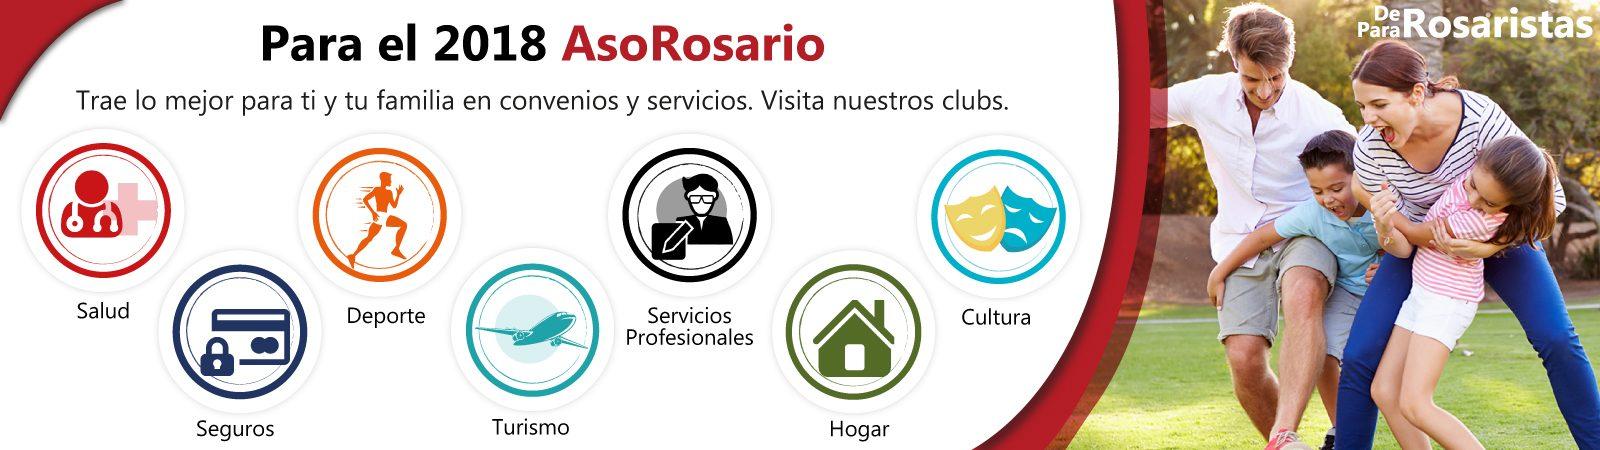 CLUBS ASOROSARIO